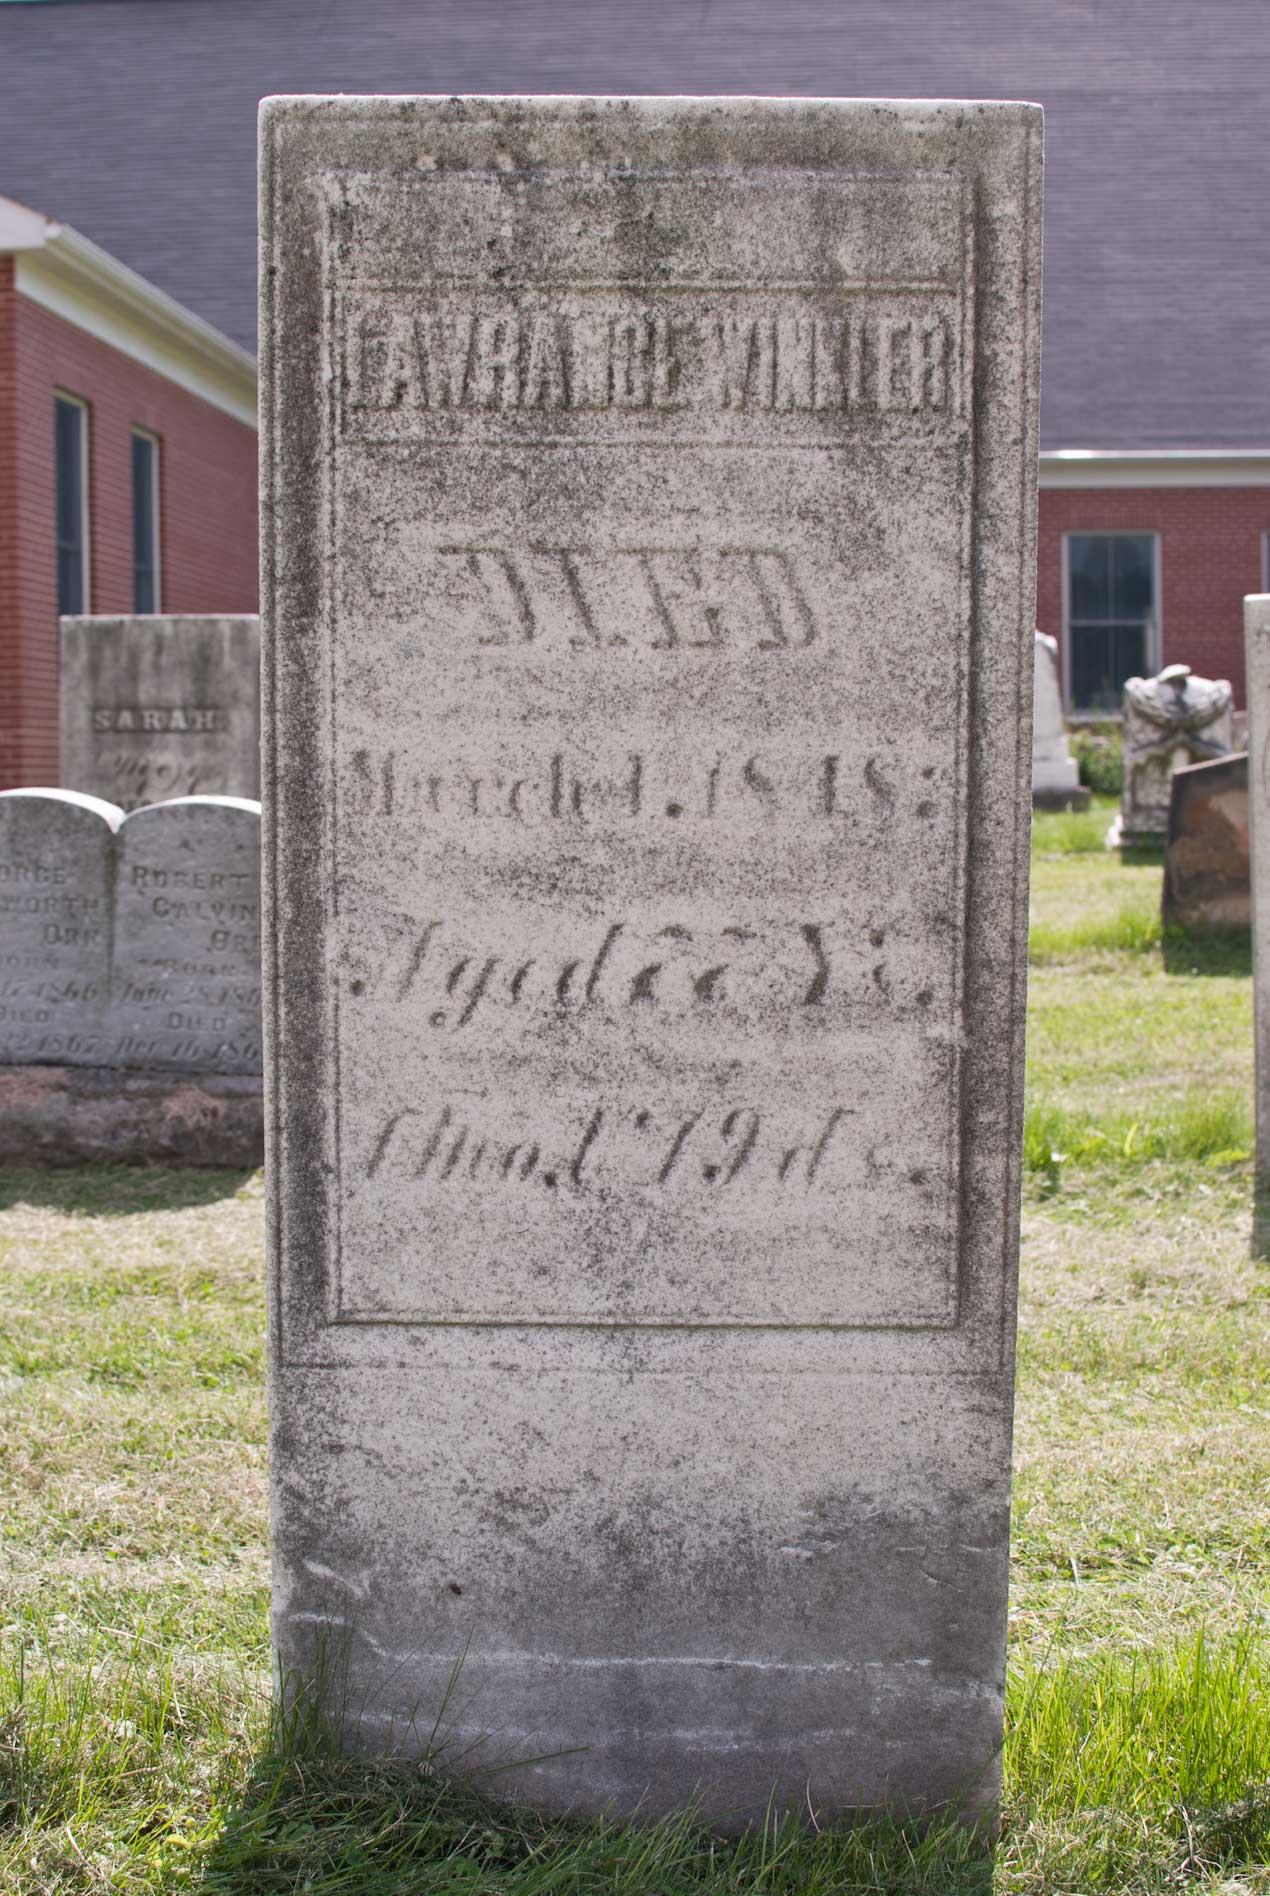 Wayne Presbyterian Church Cemetery, Wayne Township, Wayne, Ohio